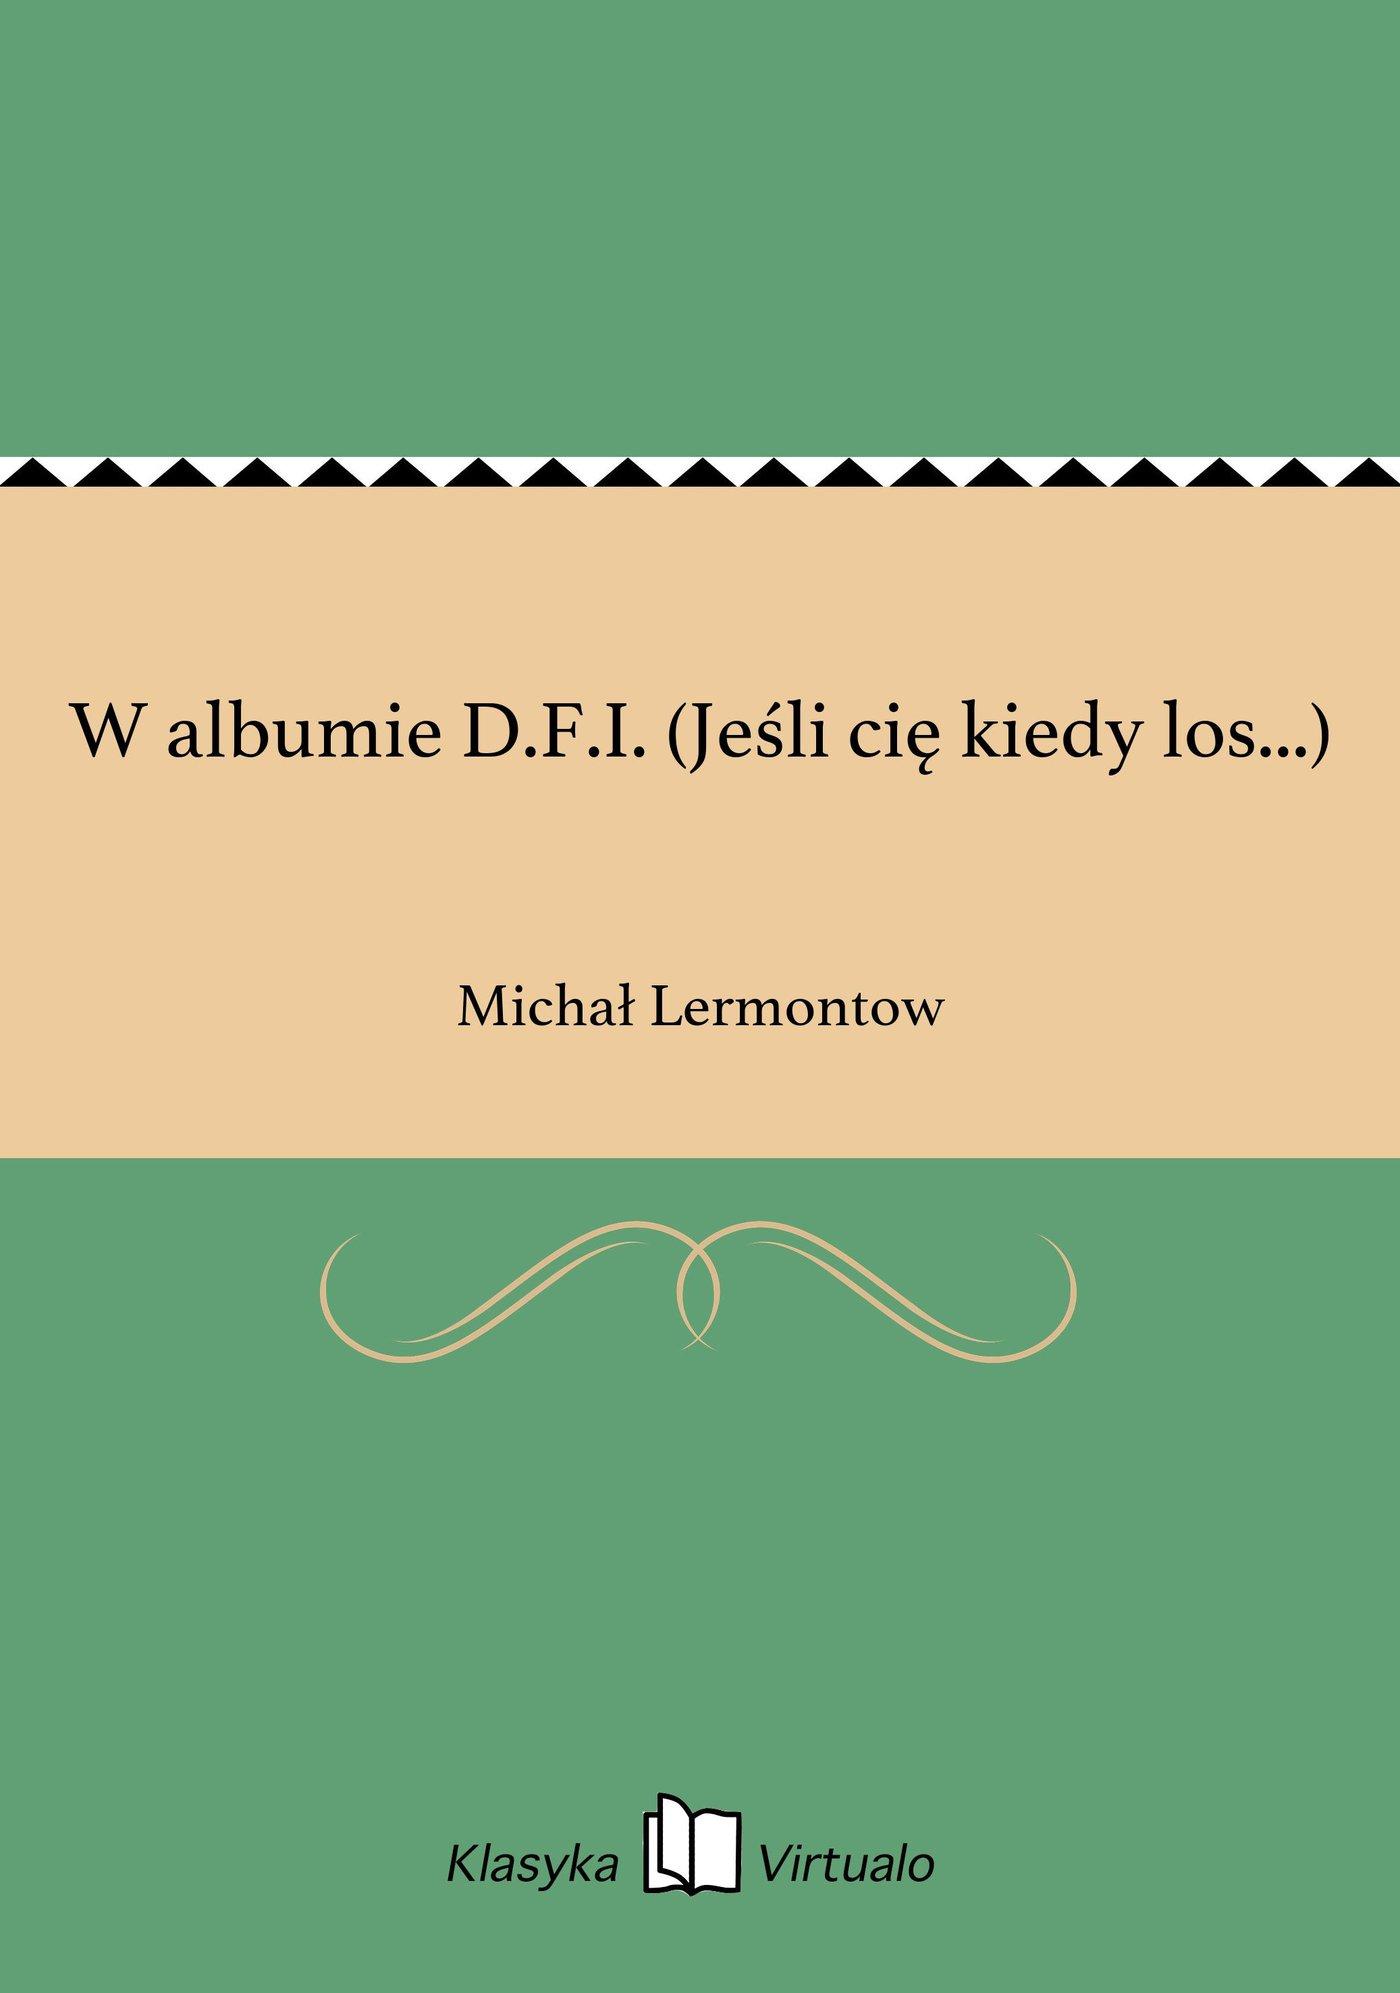 W albumie D.F.I. (Jeśli cię kiedy los...) - Ebook (Książka na Kindle) do pobrania w formacie MOBI